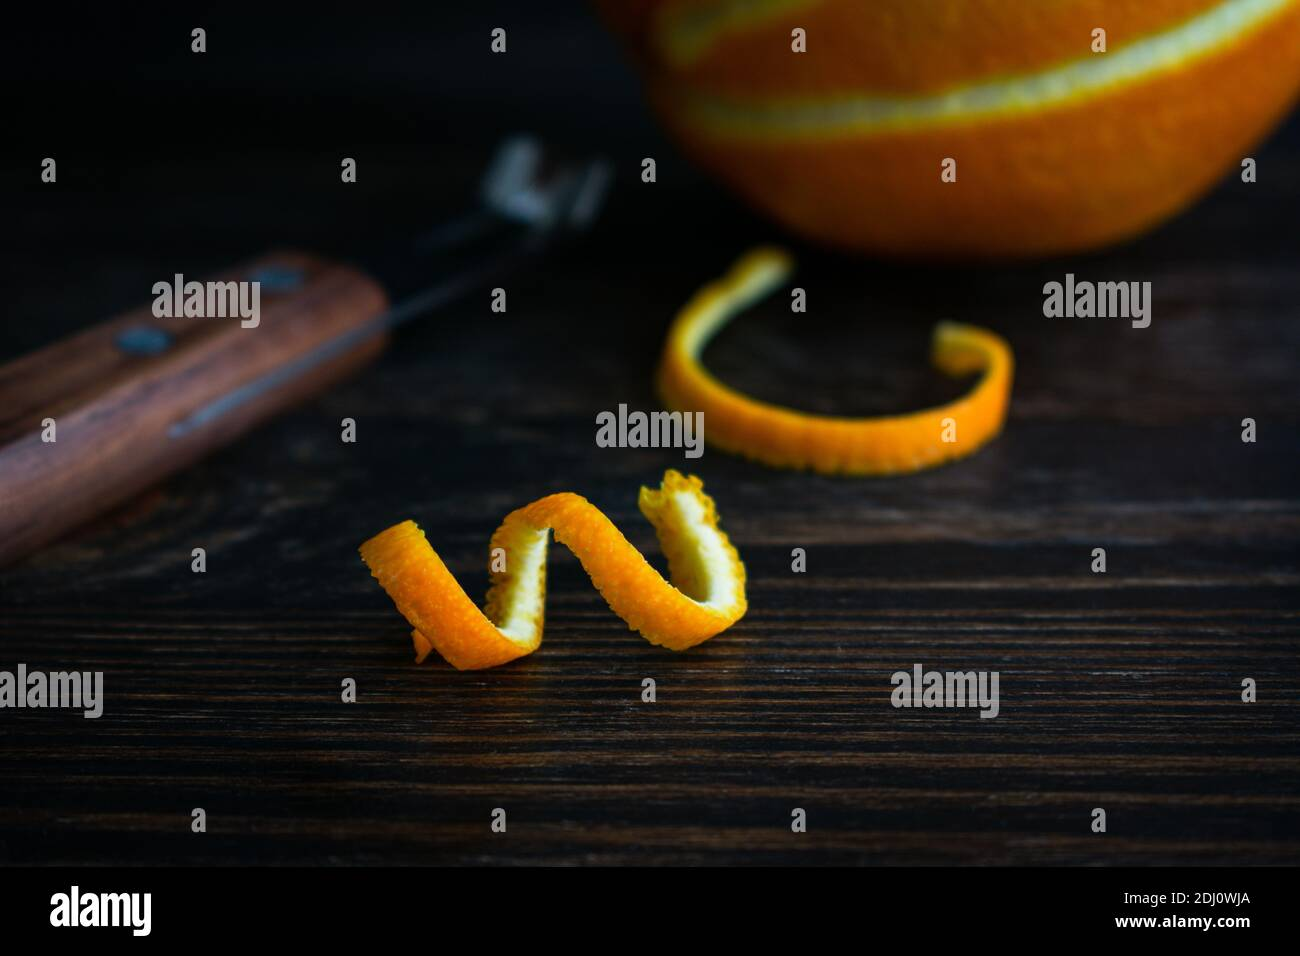 Torcedura de naranja sobre un fondo de madera de la Marca: Una tira fresca de la cáscara de naranja y un cuchillo del canal Foto de stock